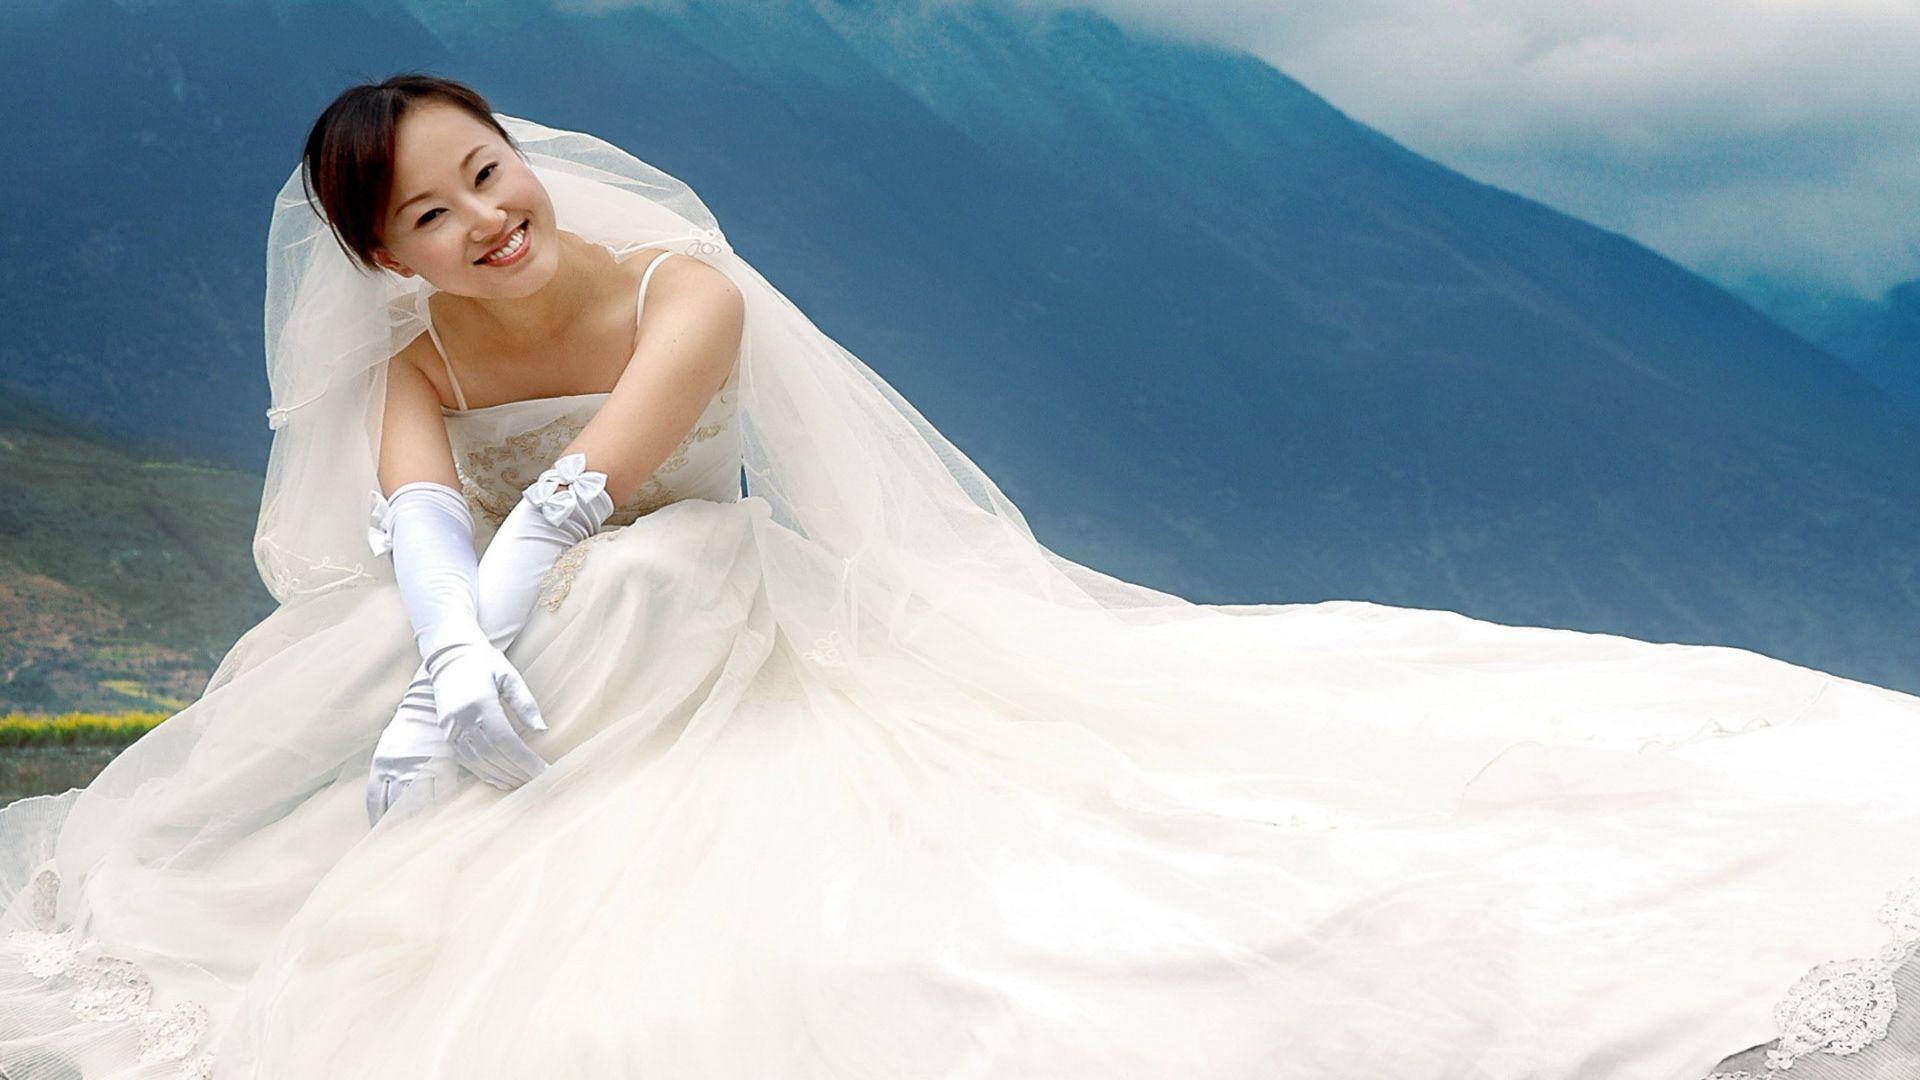 свадебное платье для невесты на фото 1680х1050 и более